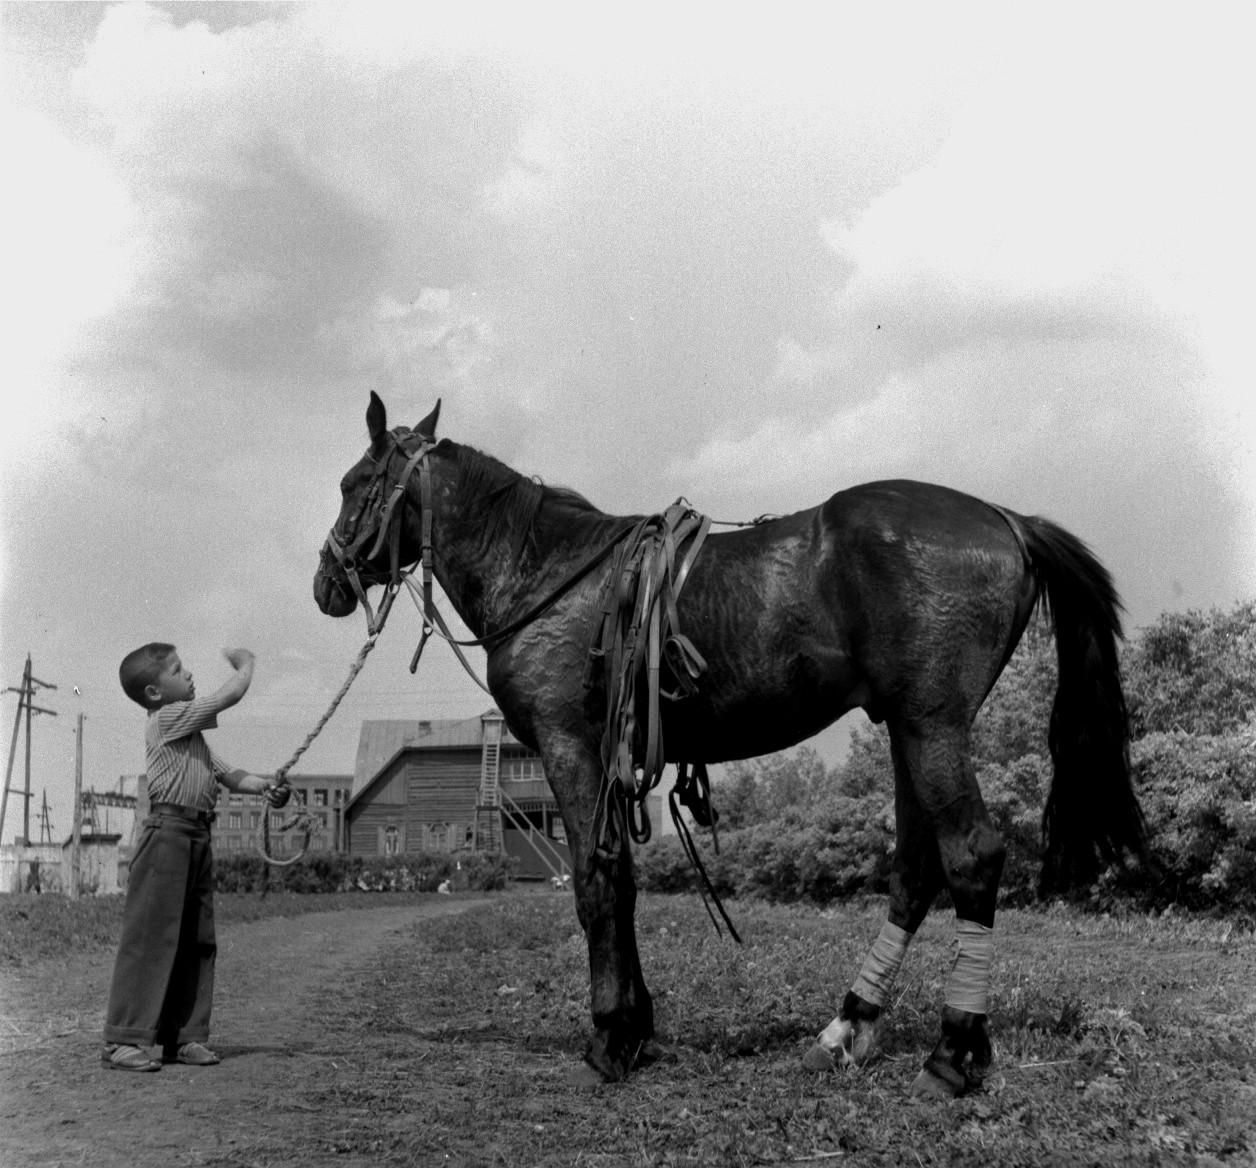 Мальчик держит лошадь под уздцы